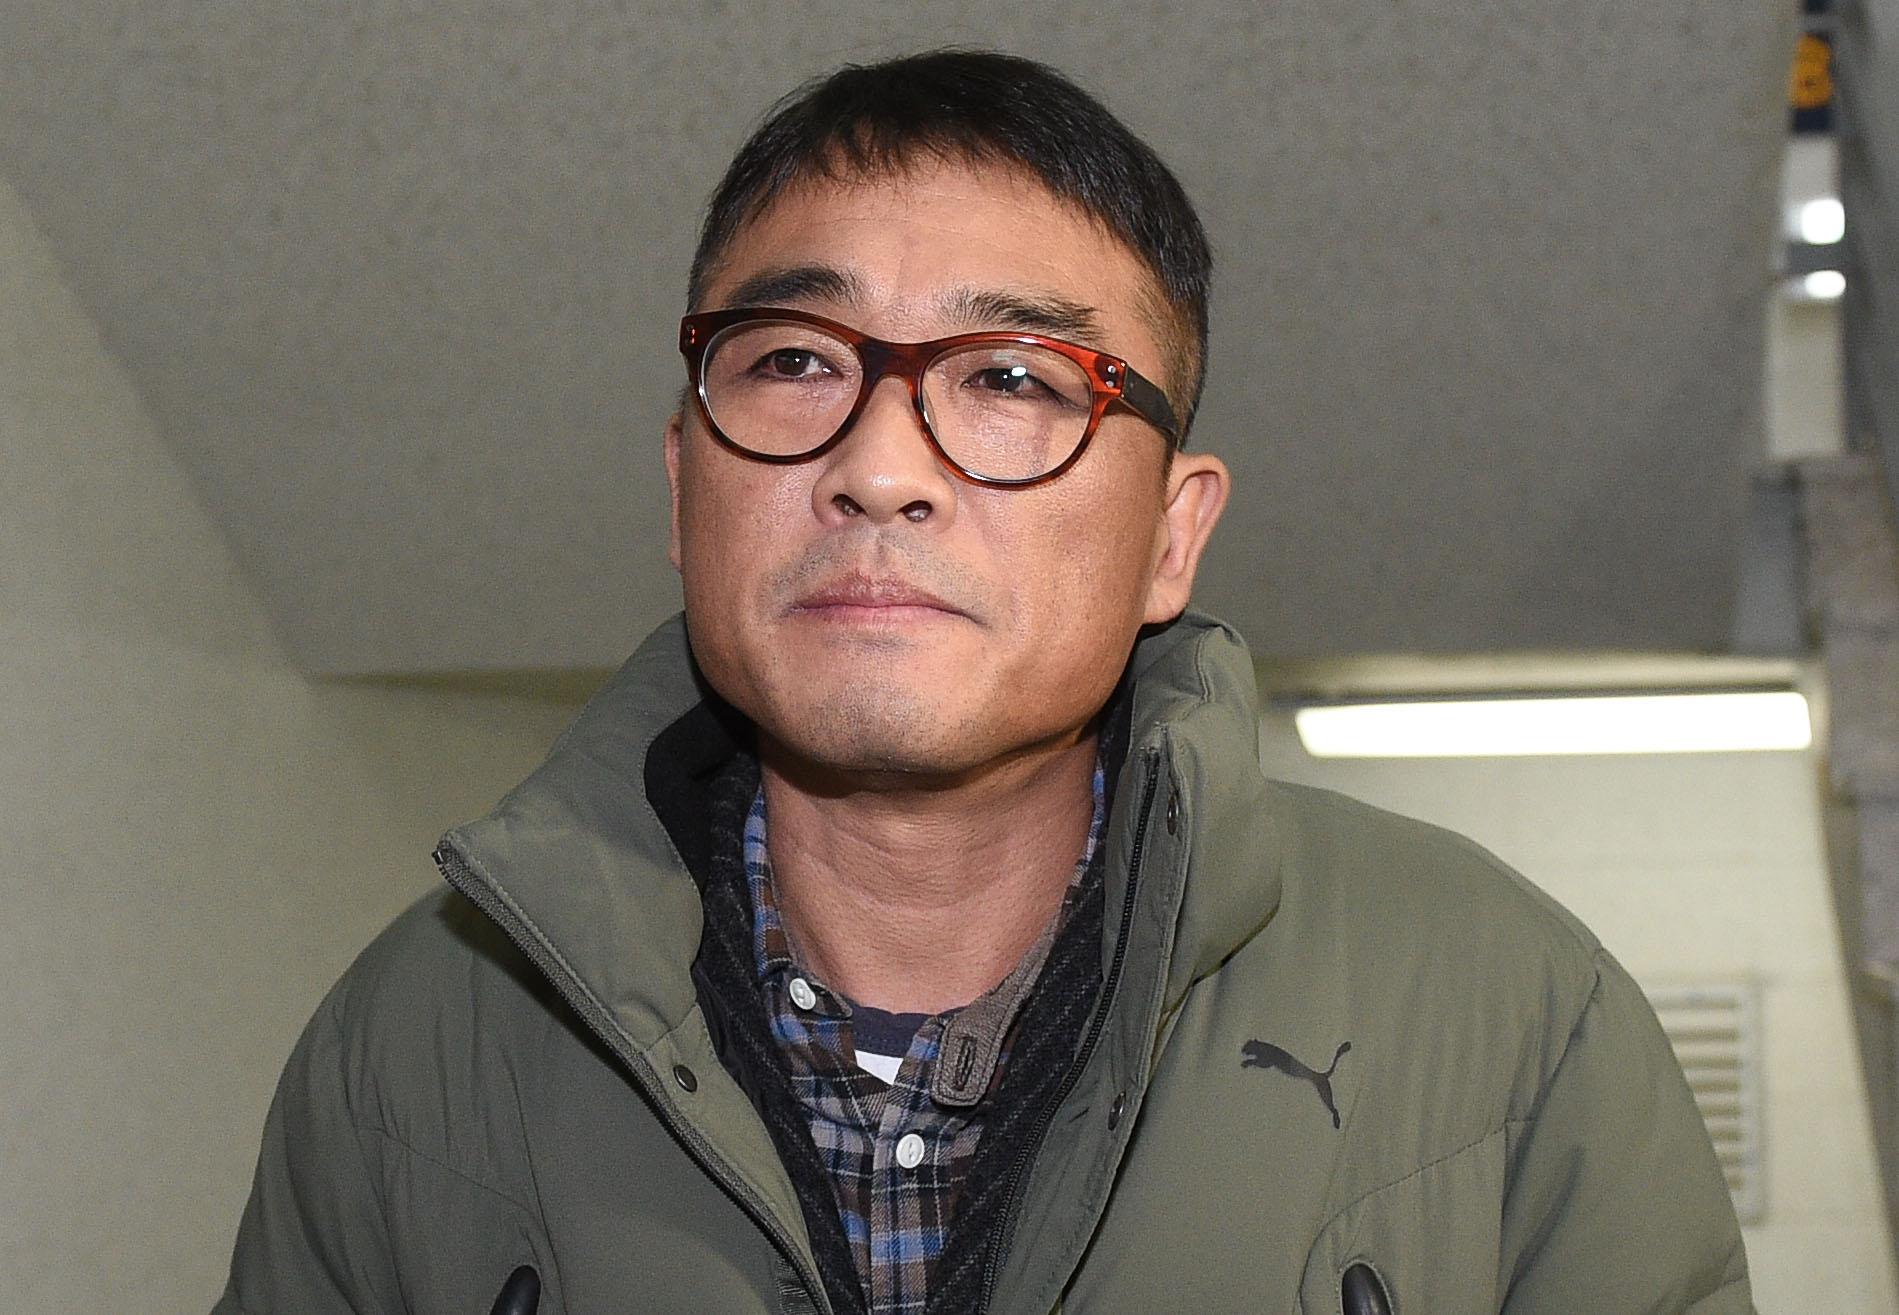 가수 김건모가 성폭행 혐의 조사를 받기 위해 15일 오전 서울 강남경찰서에 출석하고 있다. [연합뉴스]